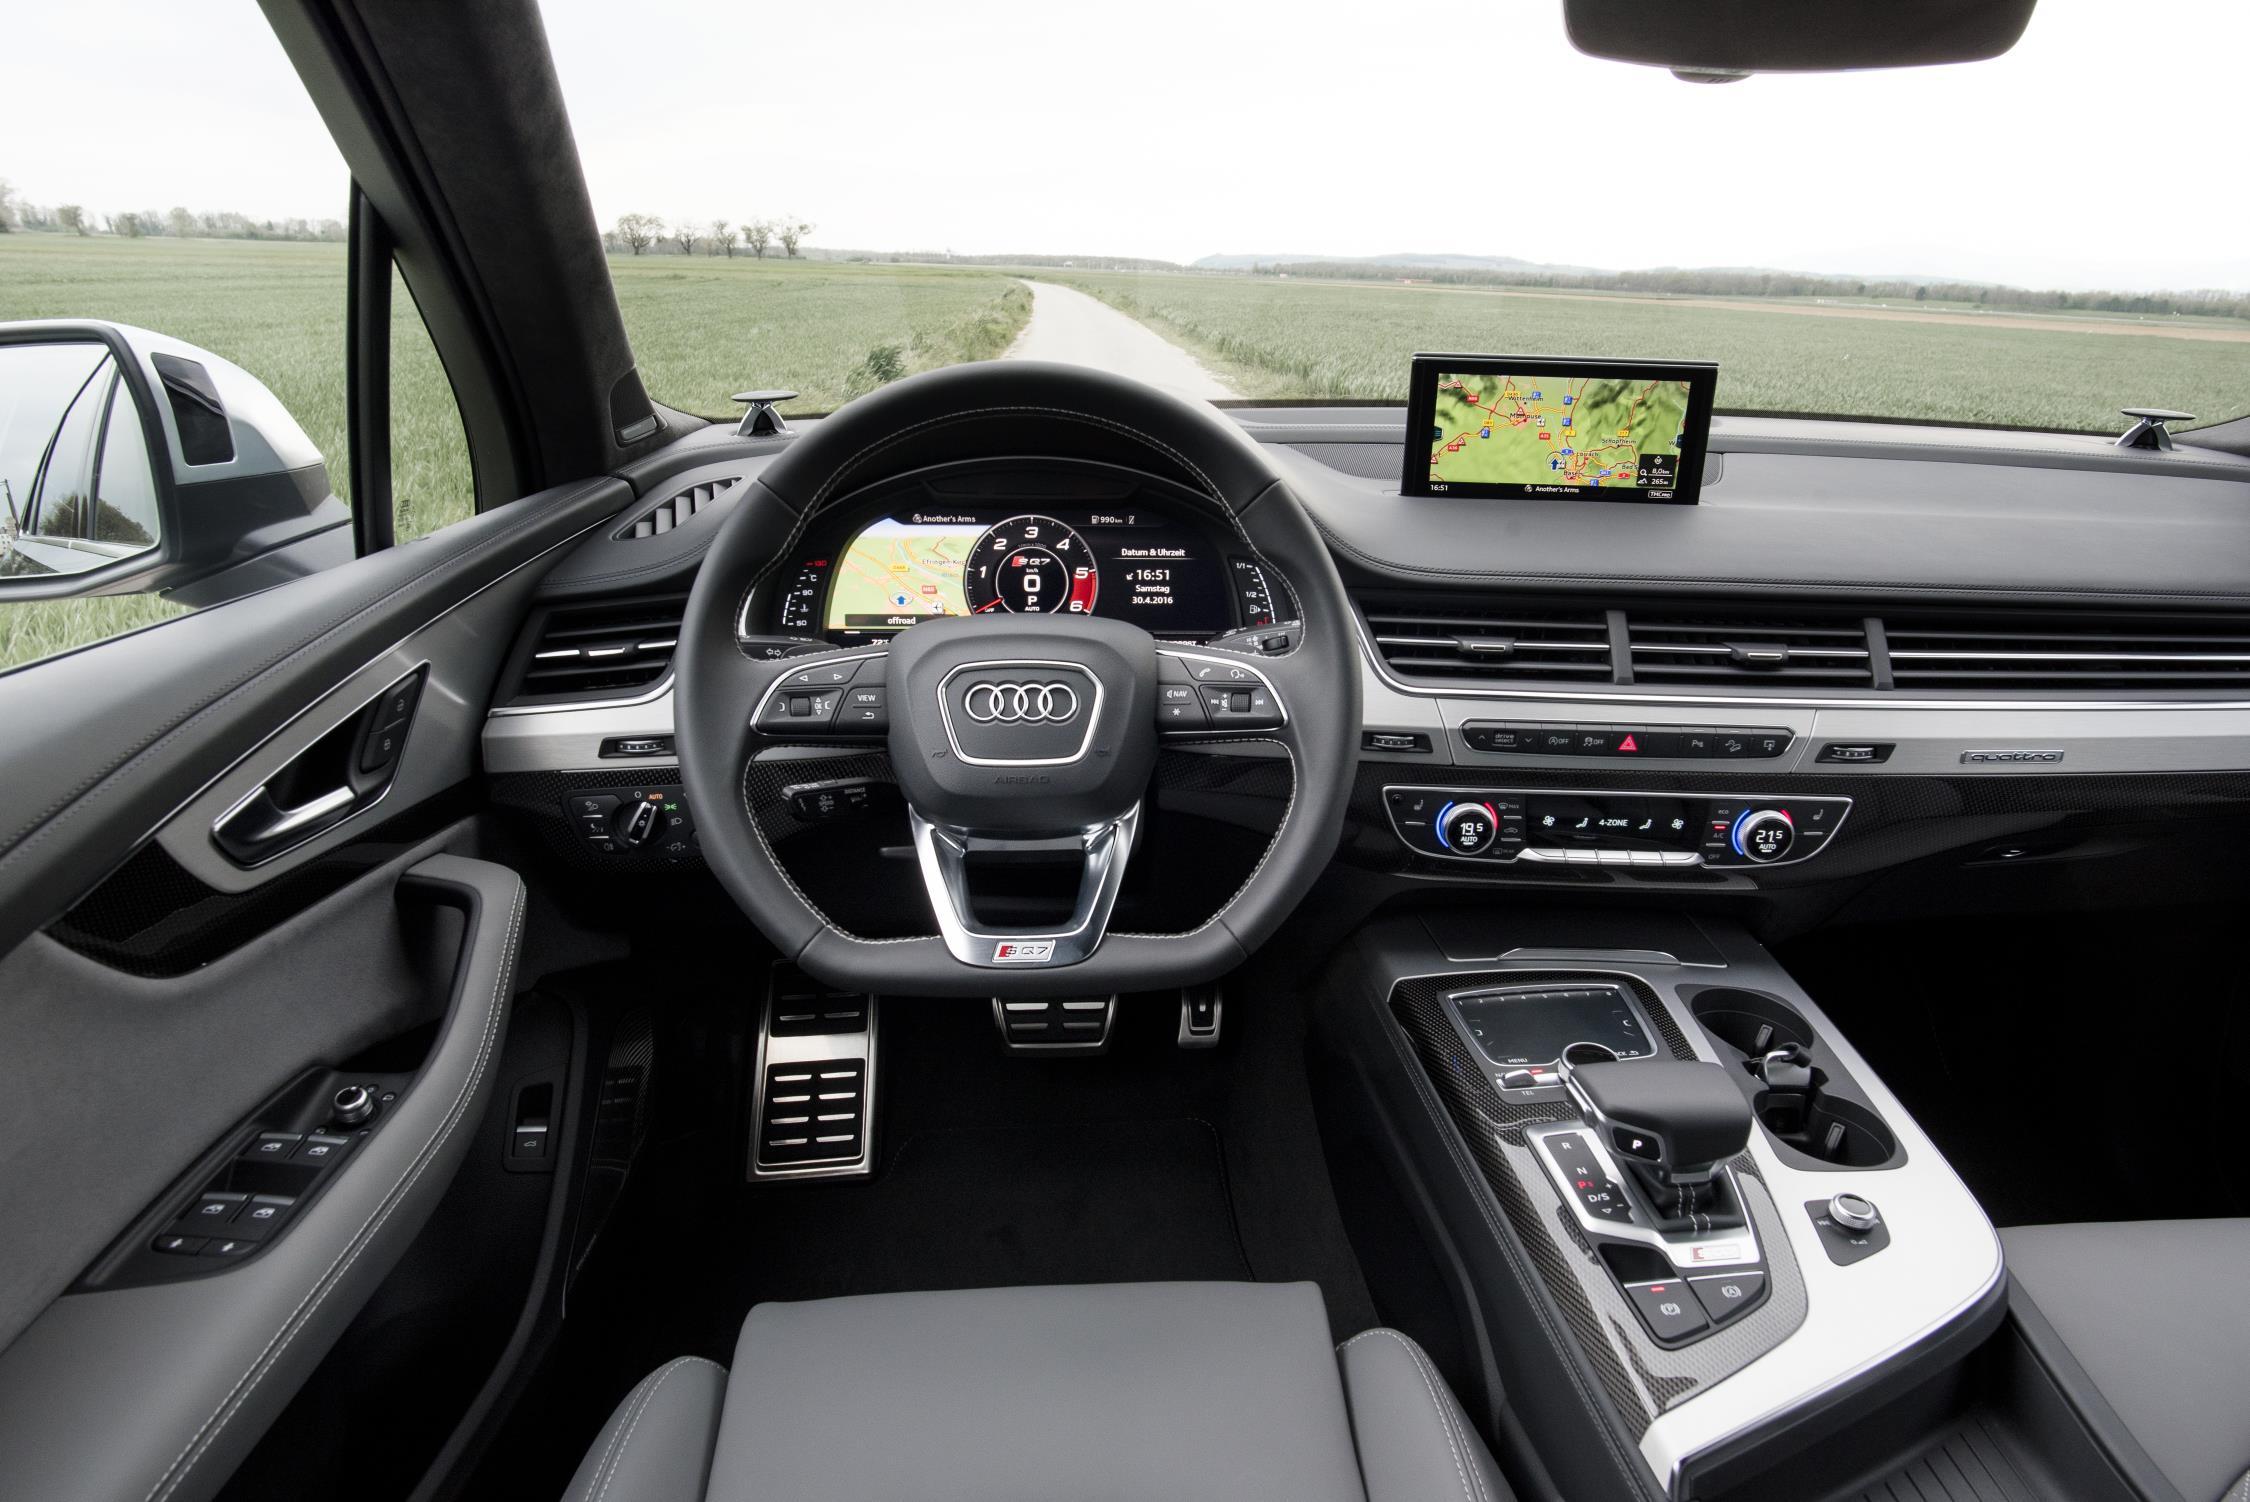 Llega el Audi SQ7 a España con 435 CV, 900 Nm de par y un precio al alcance de pocos: 110.970 euros 3